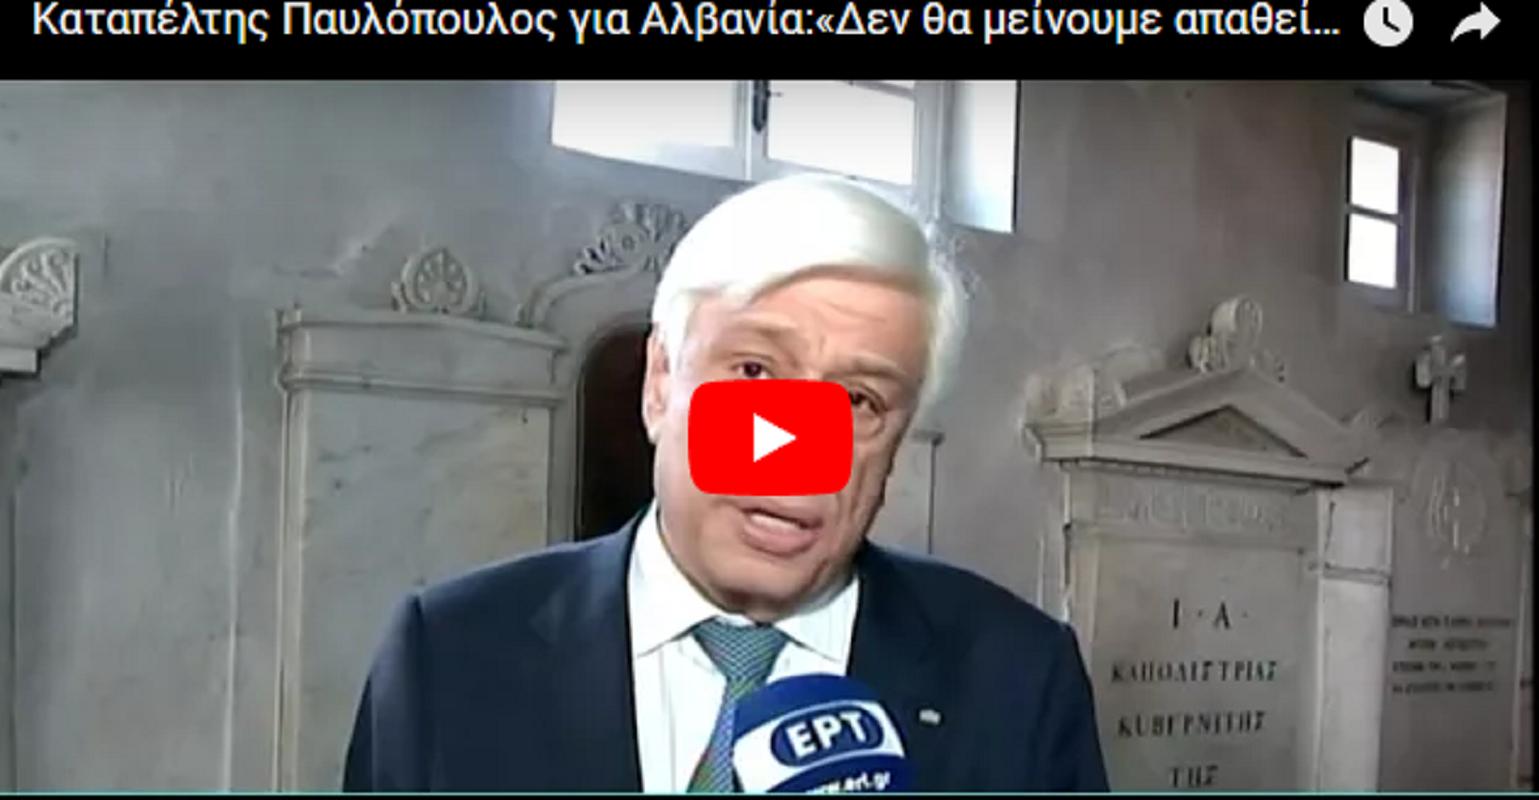 Σκληρό μήνυμα Παυλόπουλου σε Αλβανούς και ουτσεκάδες: Οι τυχοδιωκτισμοί δεν θα σας βγουν σε καλό